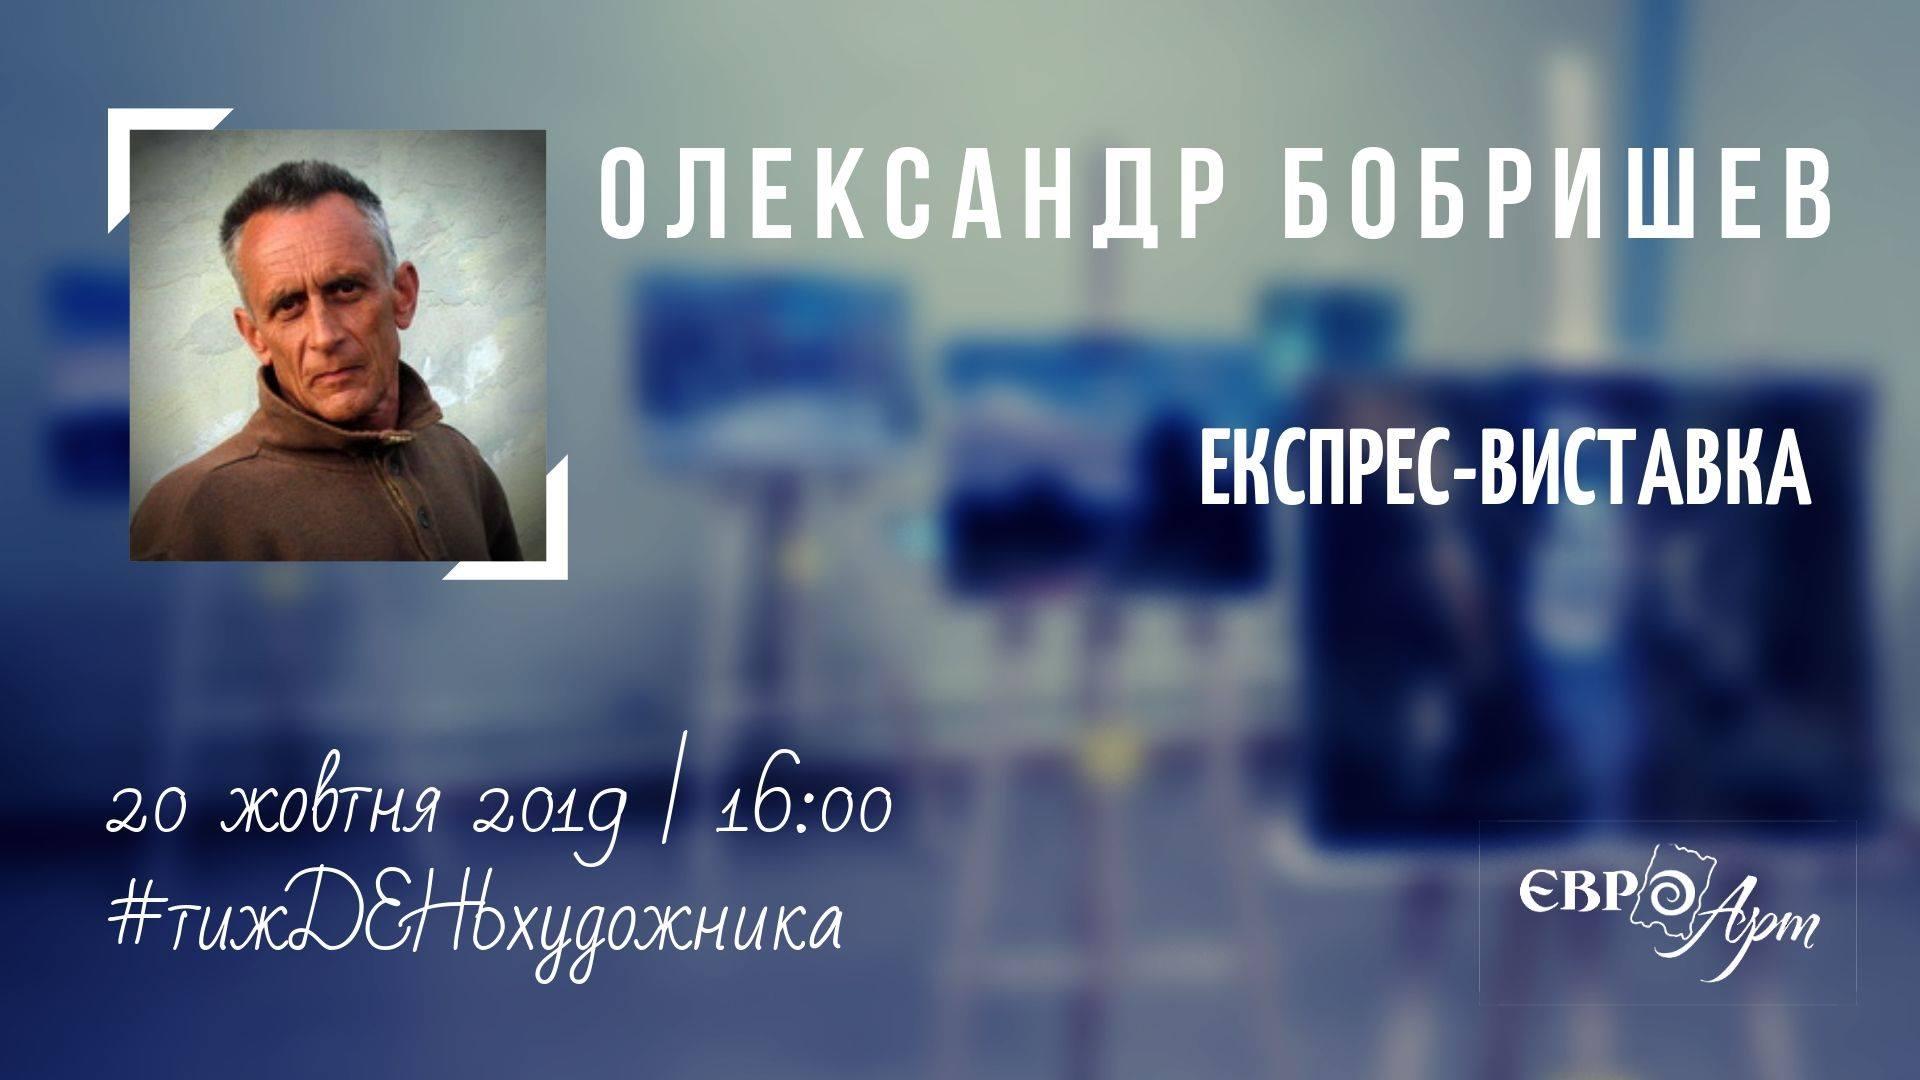 Олександр Бобришев презентує у Рівному експрес-виставку